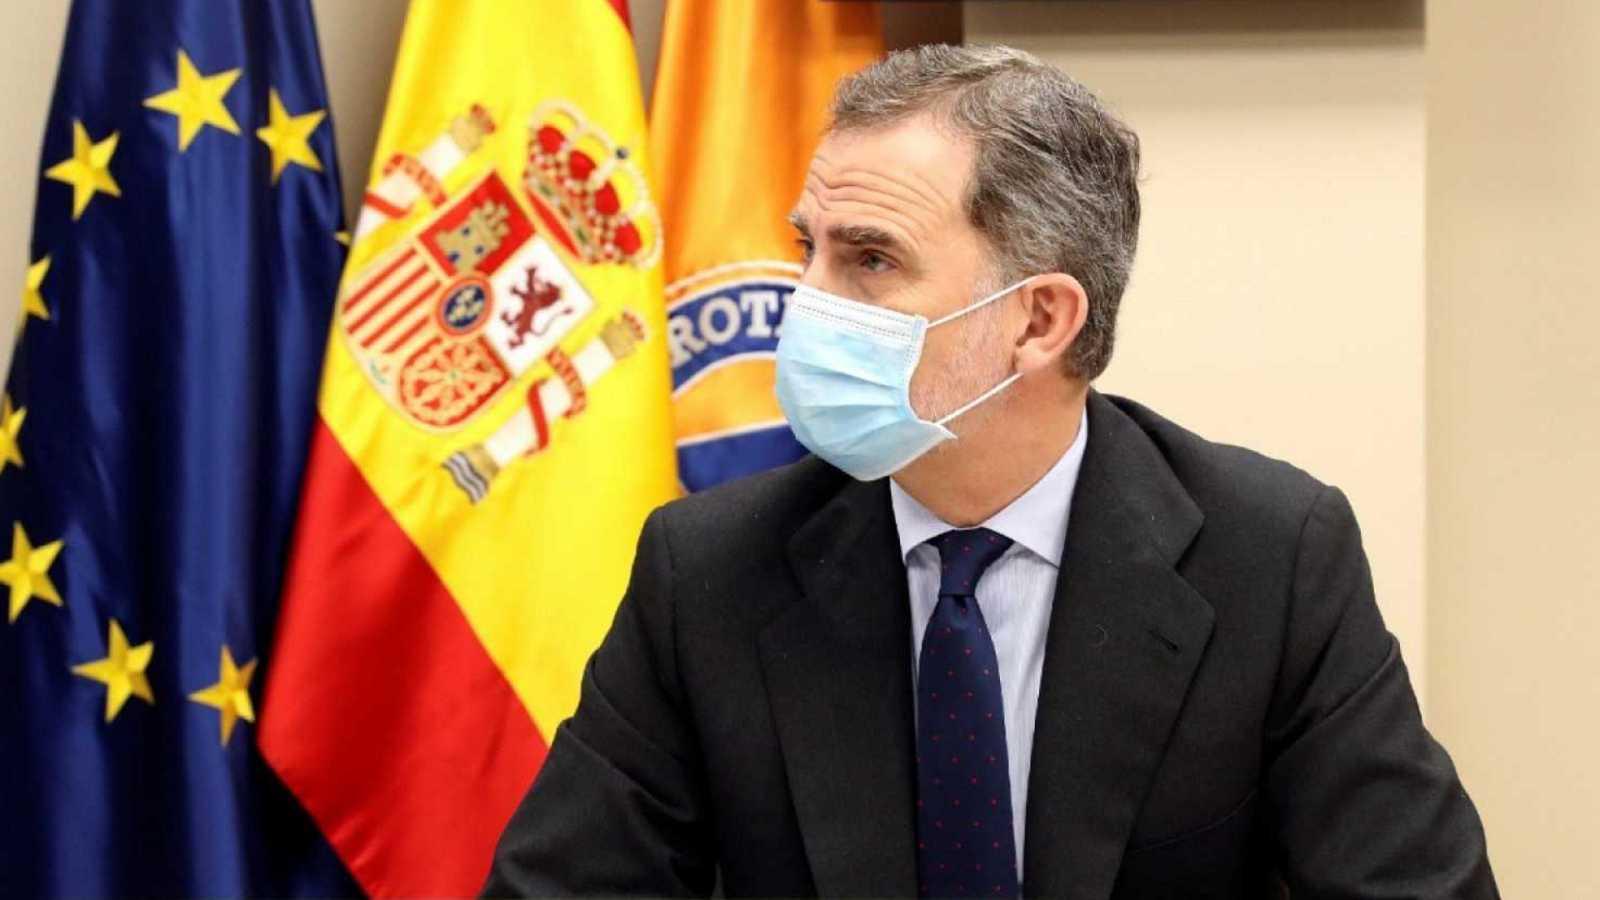 24 horas - El rey Felipe VI, en cuarentena tras mantener contacto con un positivo - Escuchar ahora